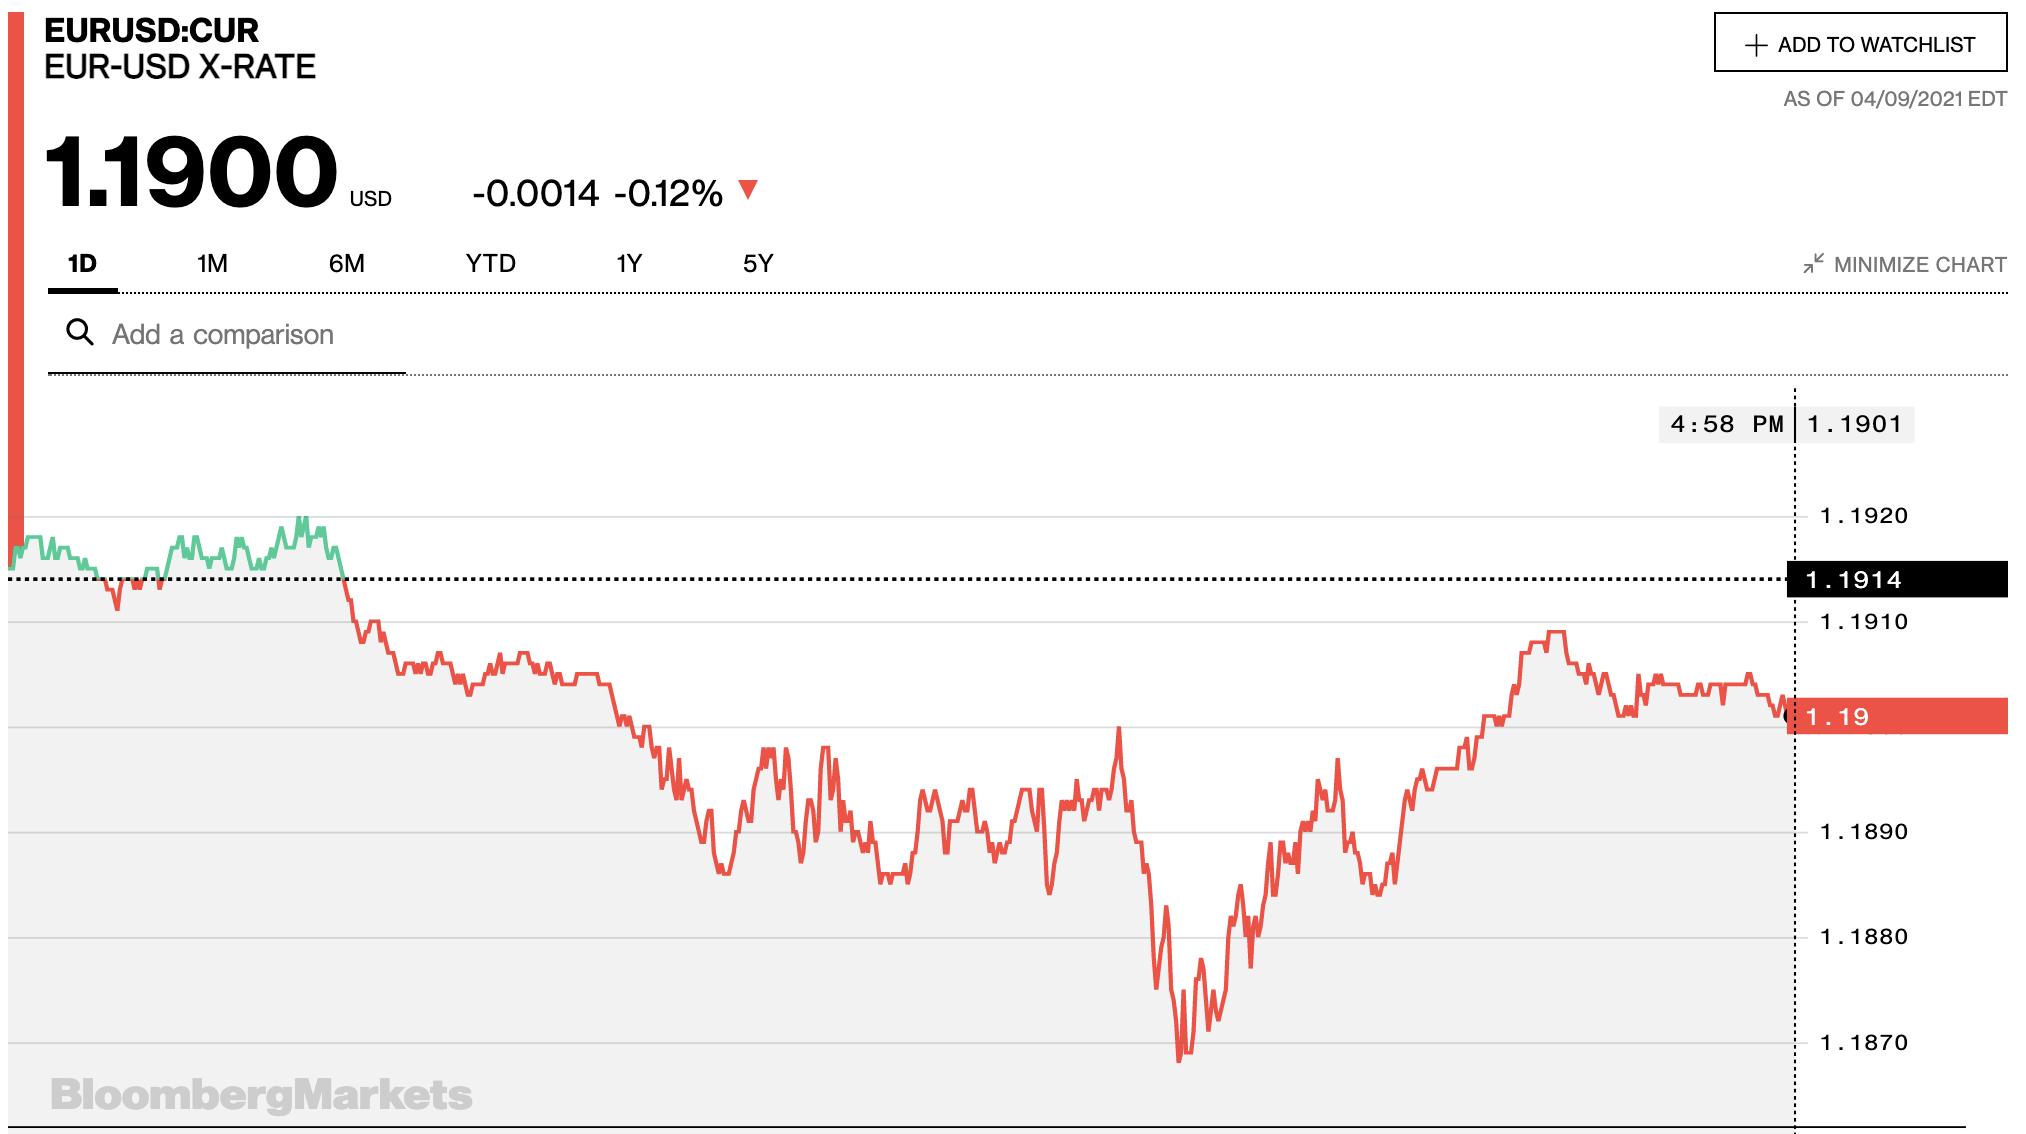 Tỷ giá euro hôm nay 10/4: Các ngân hàng trong nước đồng loạt quay đầu giảm - Ảnh 2.